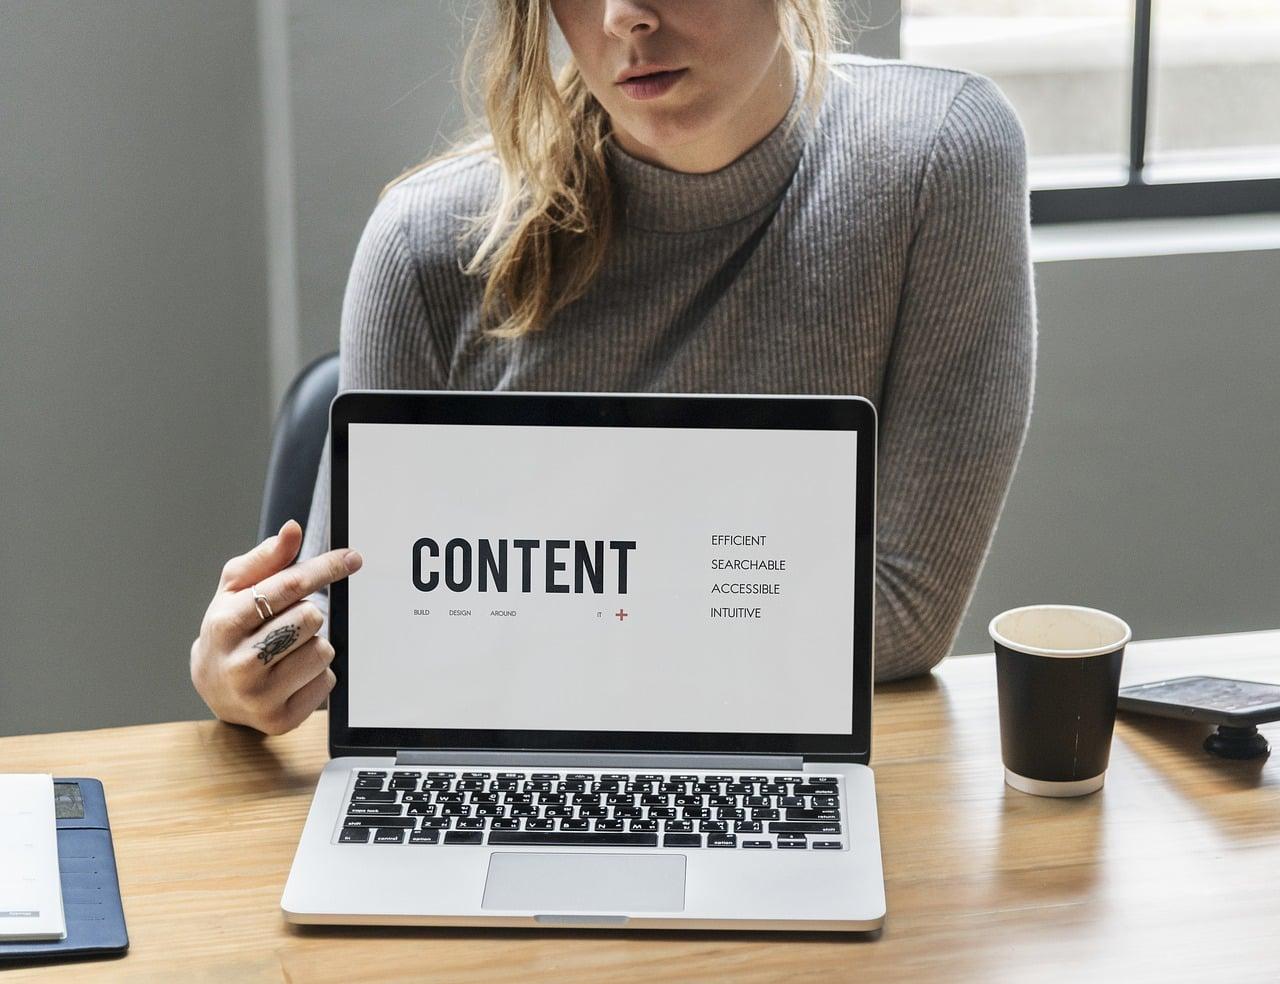 ステップメールで提供するコンテンツ内容と構成は?